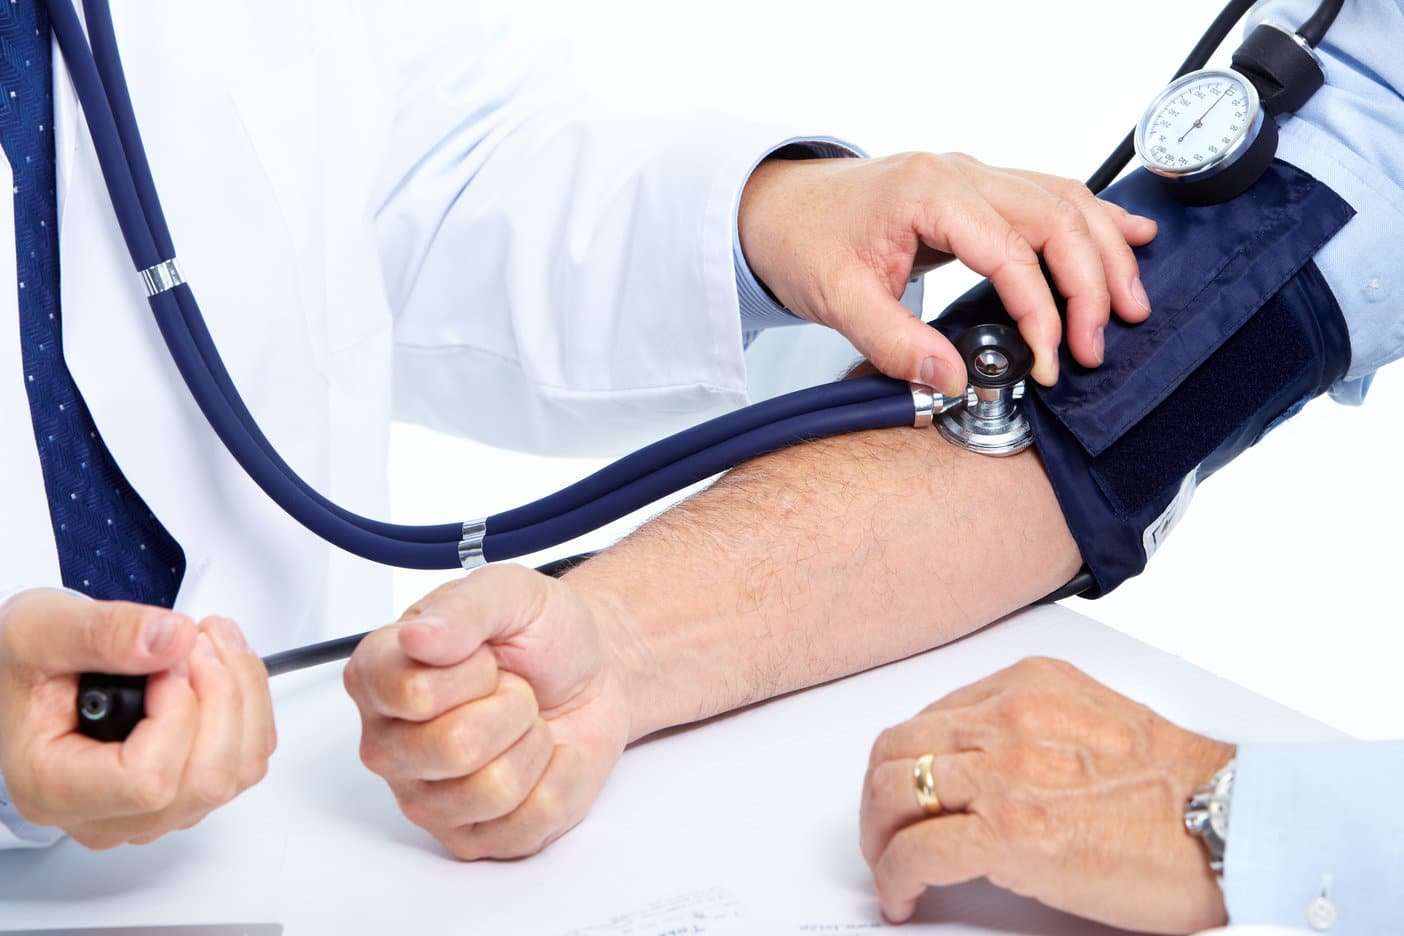 Измерение давления на руке